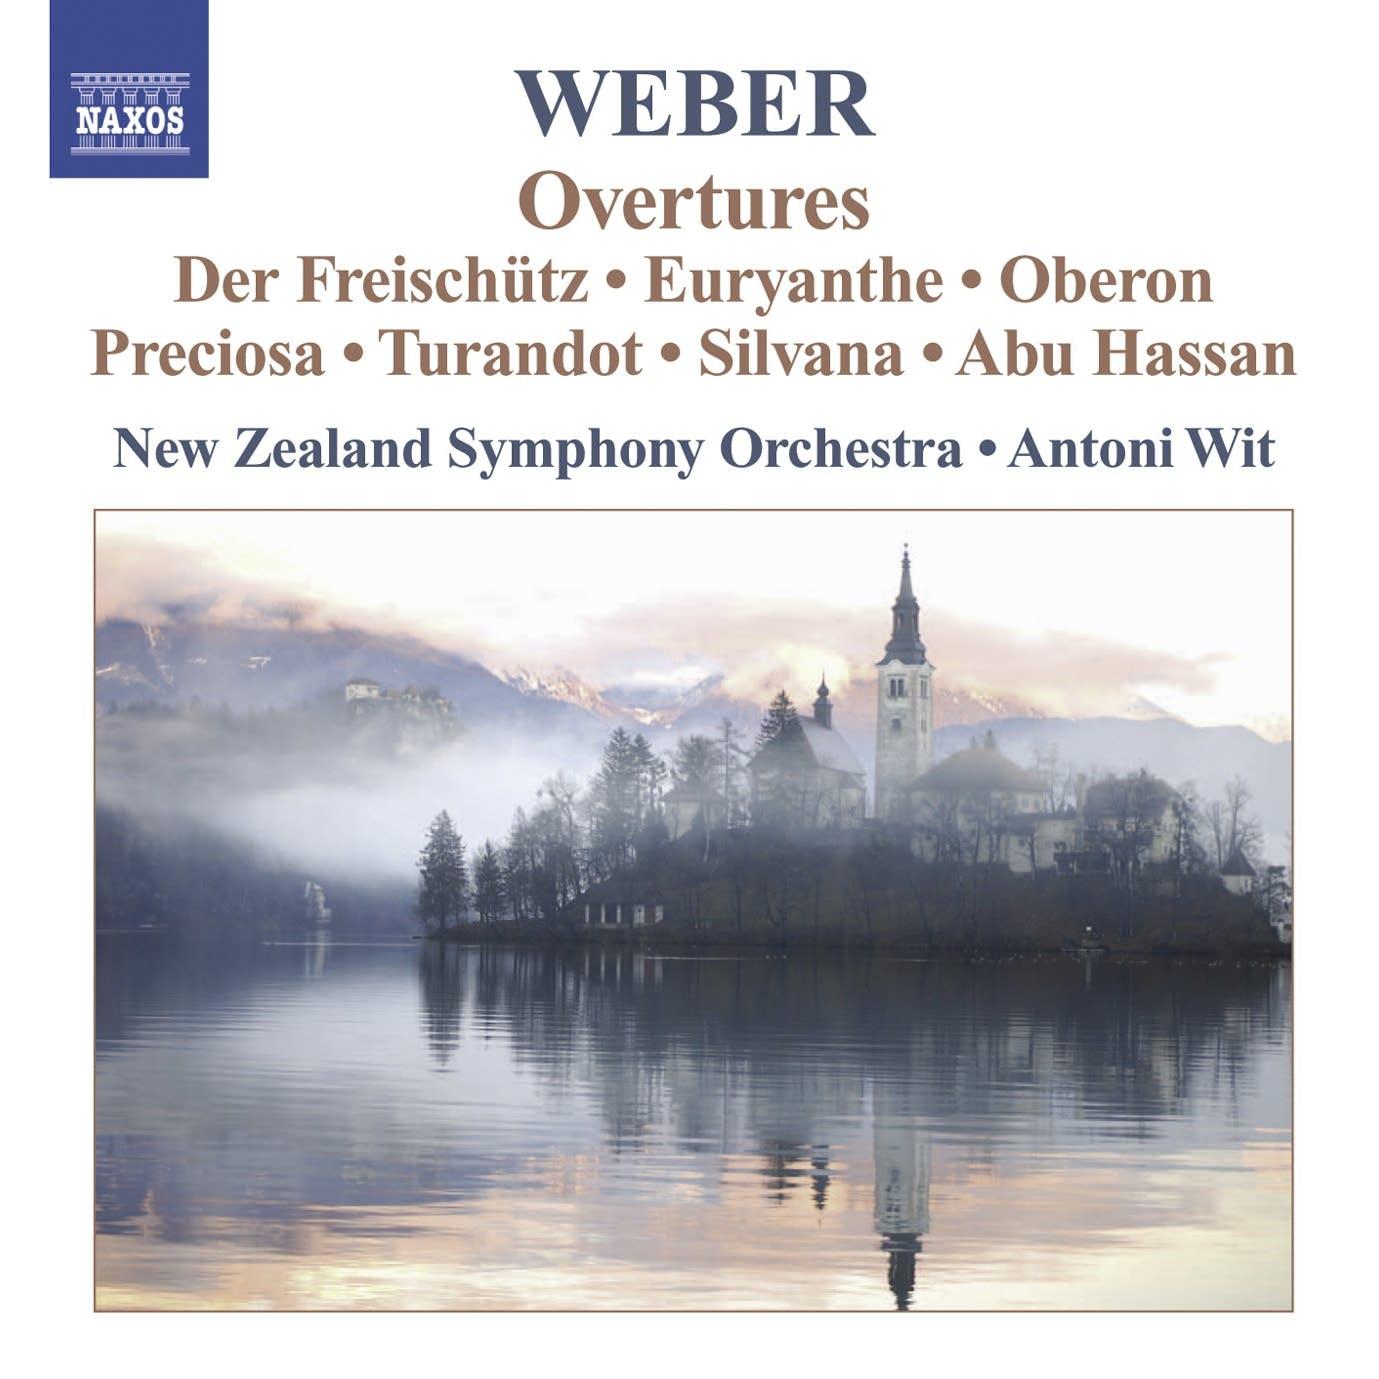 Carl Maria von Weber - Preciosa: Overture